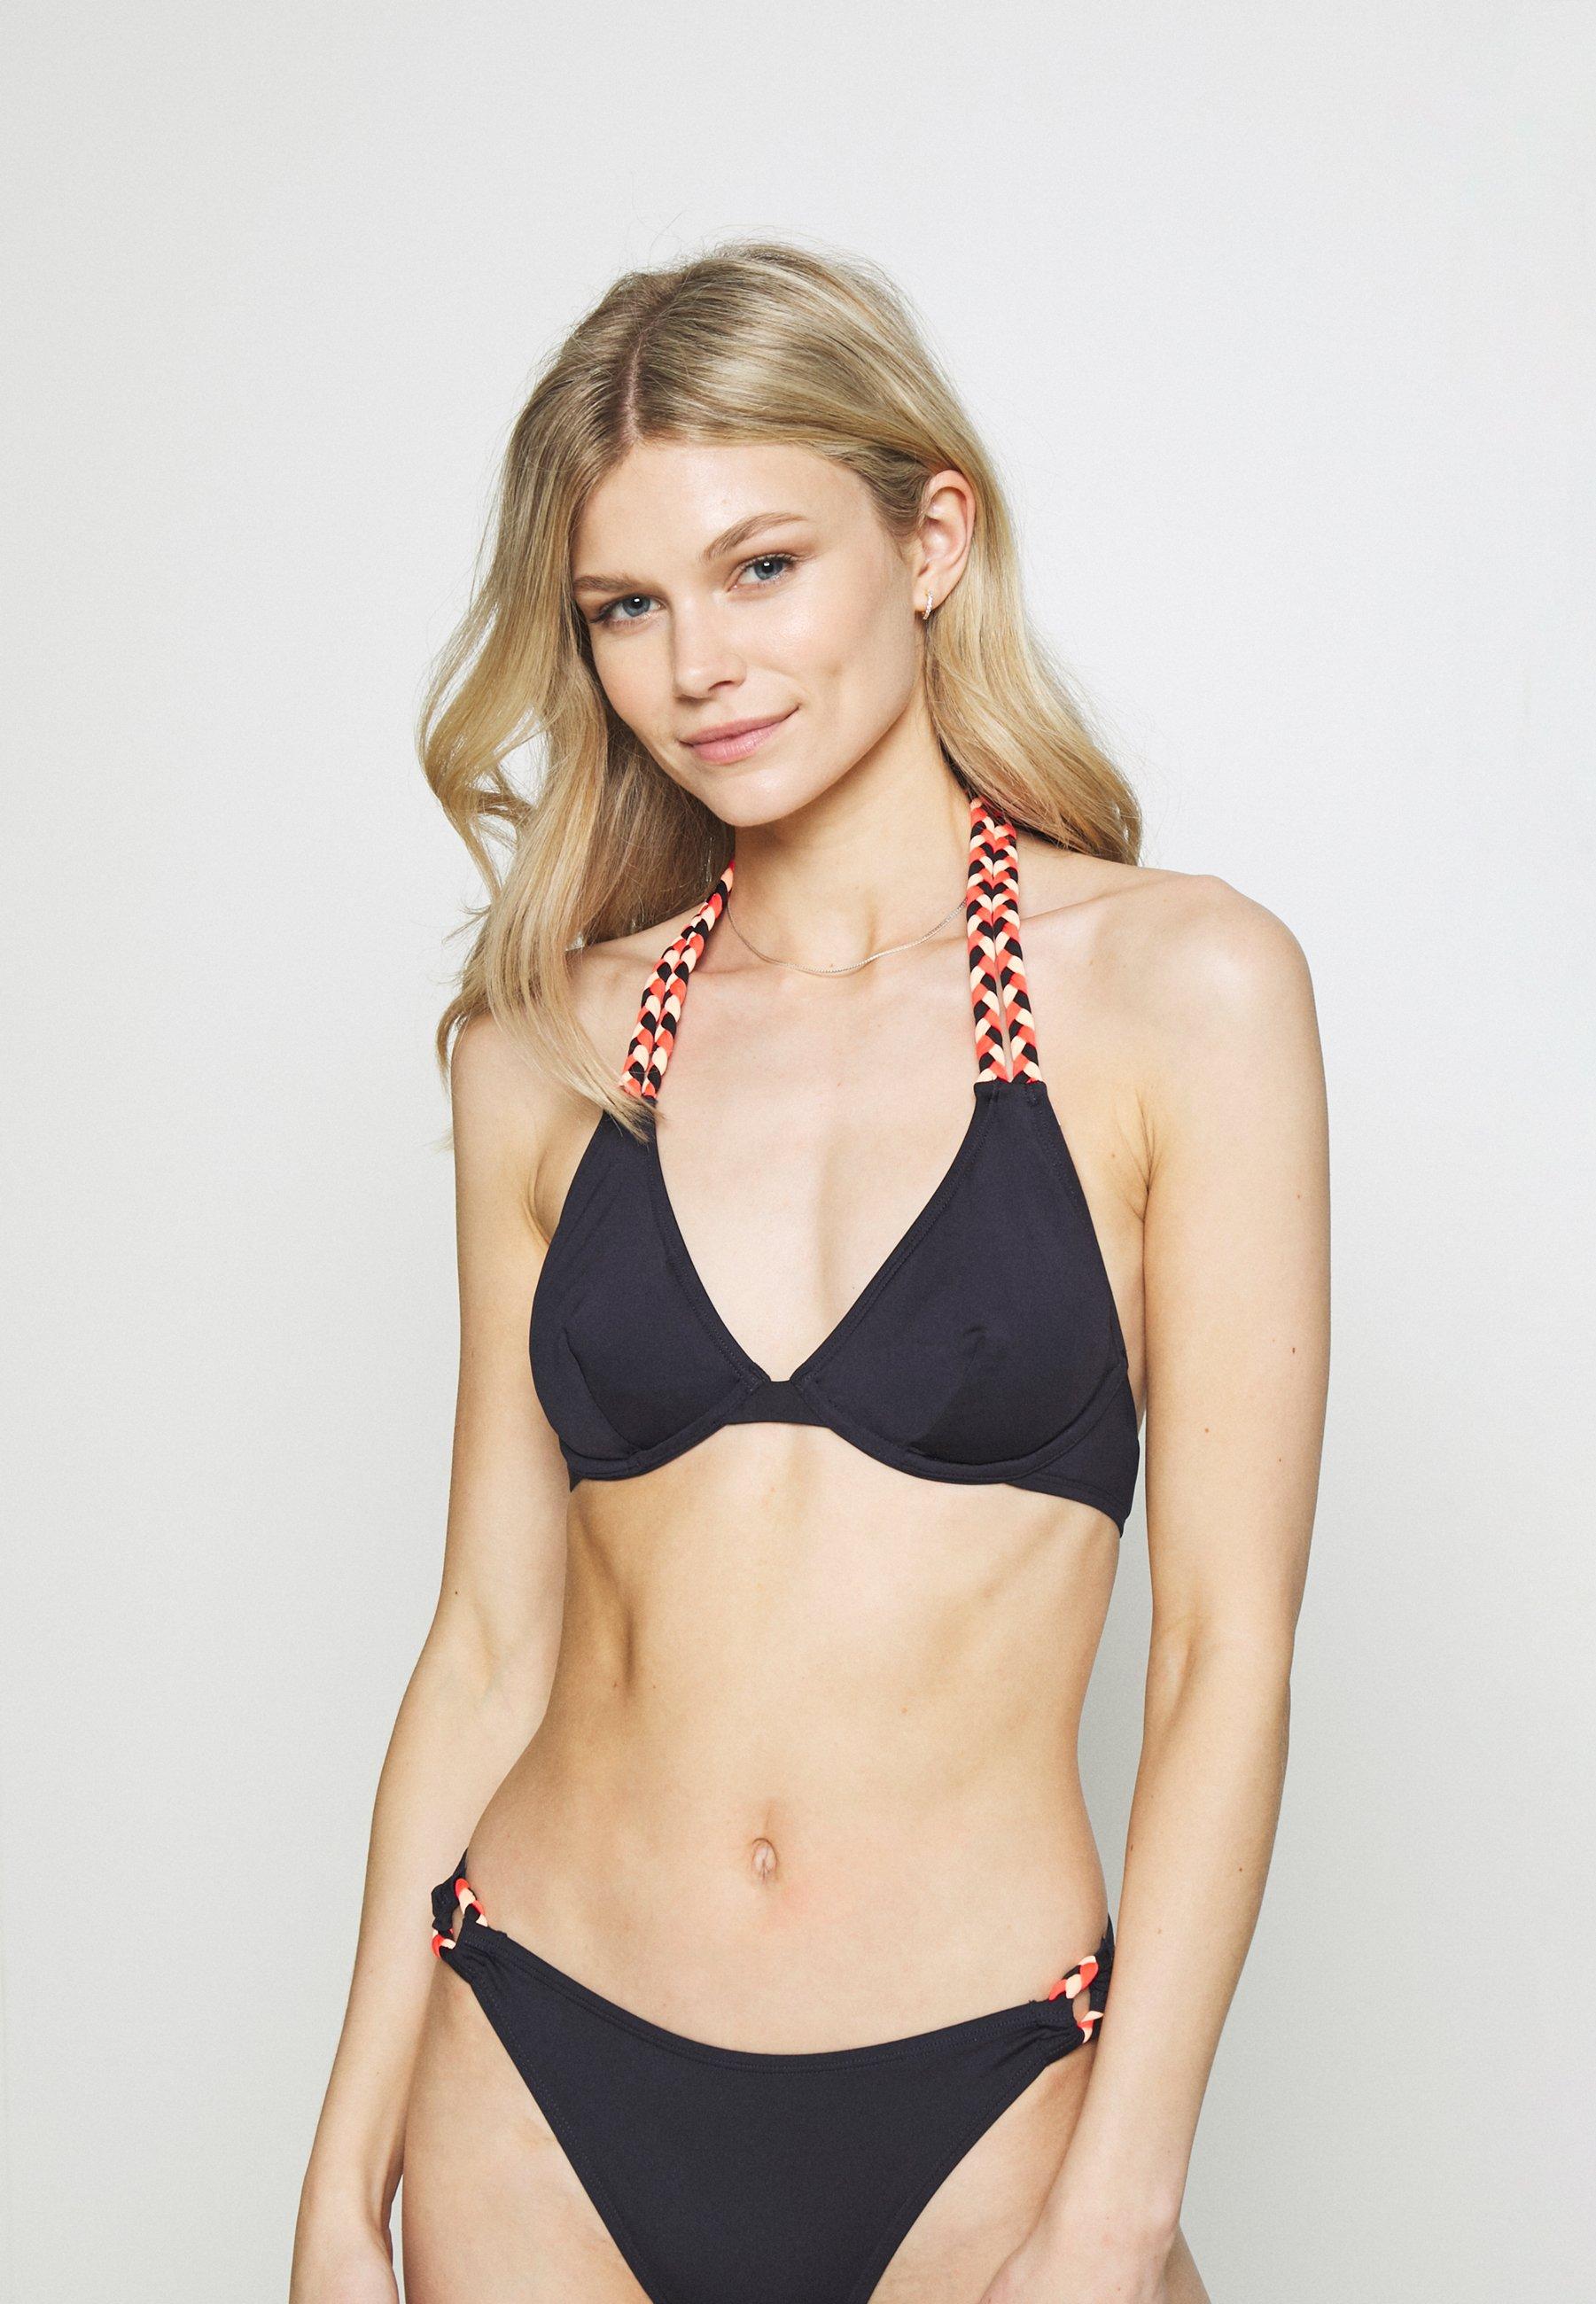 Women CLIFTON BEACH APEX - Bikini top